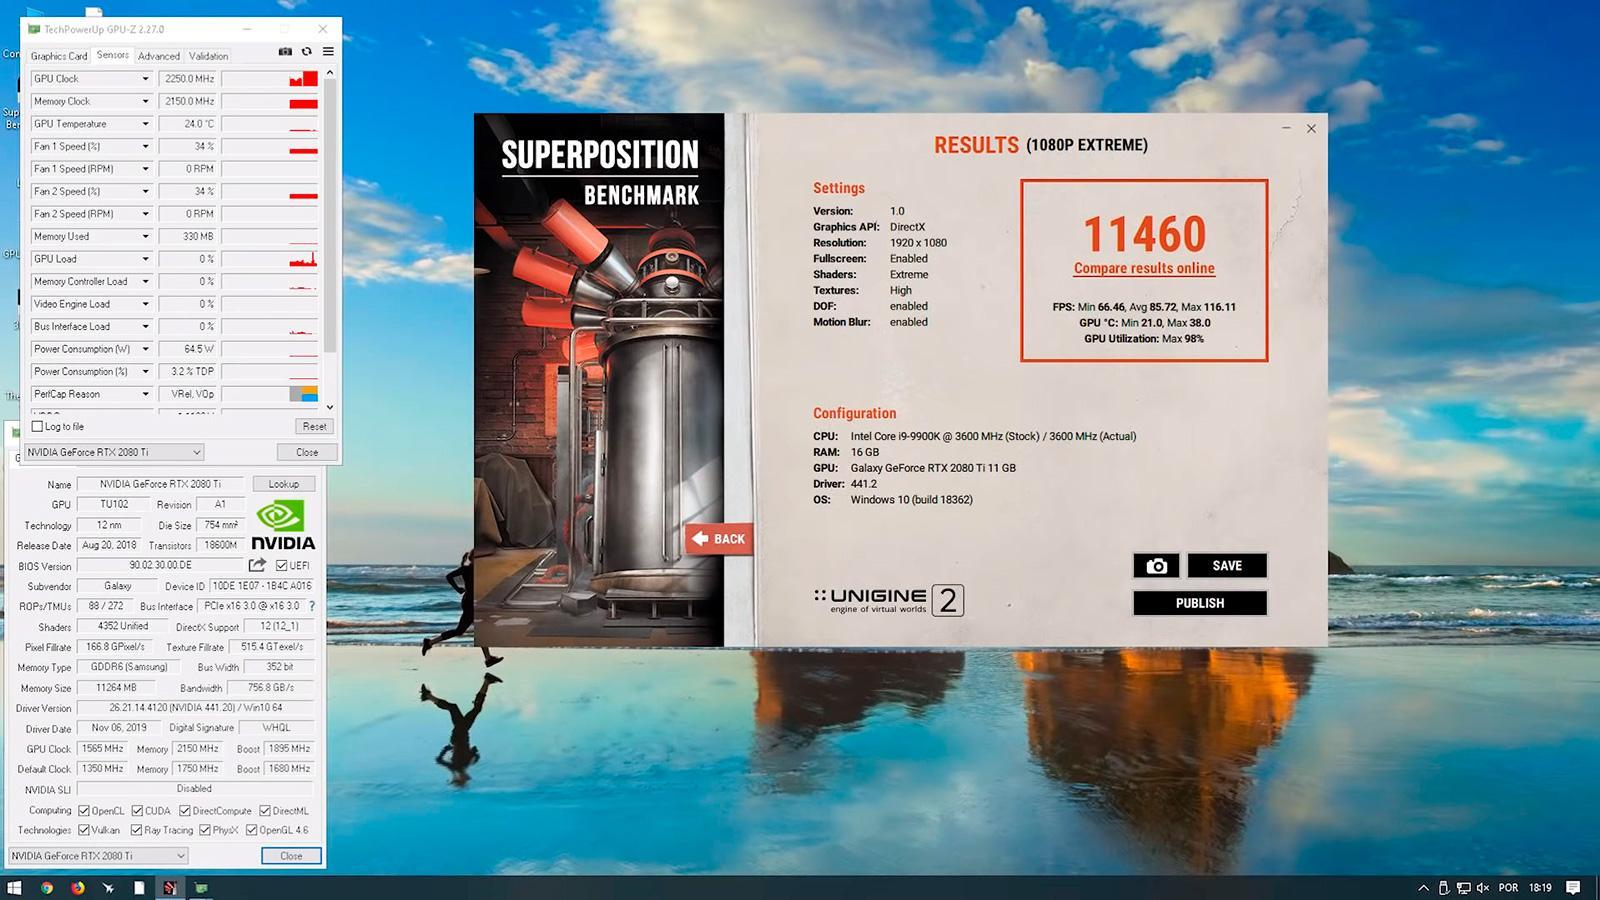 Сделай сам по-энтузиастски: бразильцы сделали свою GeForce RTX 2080 Ti Super